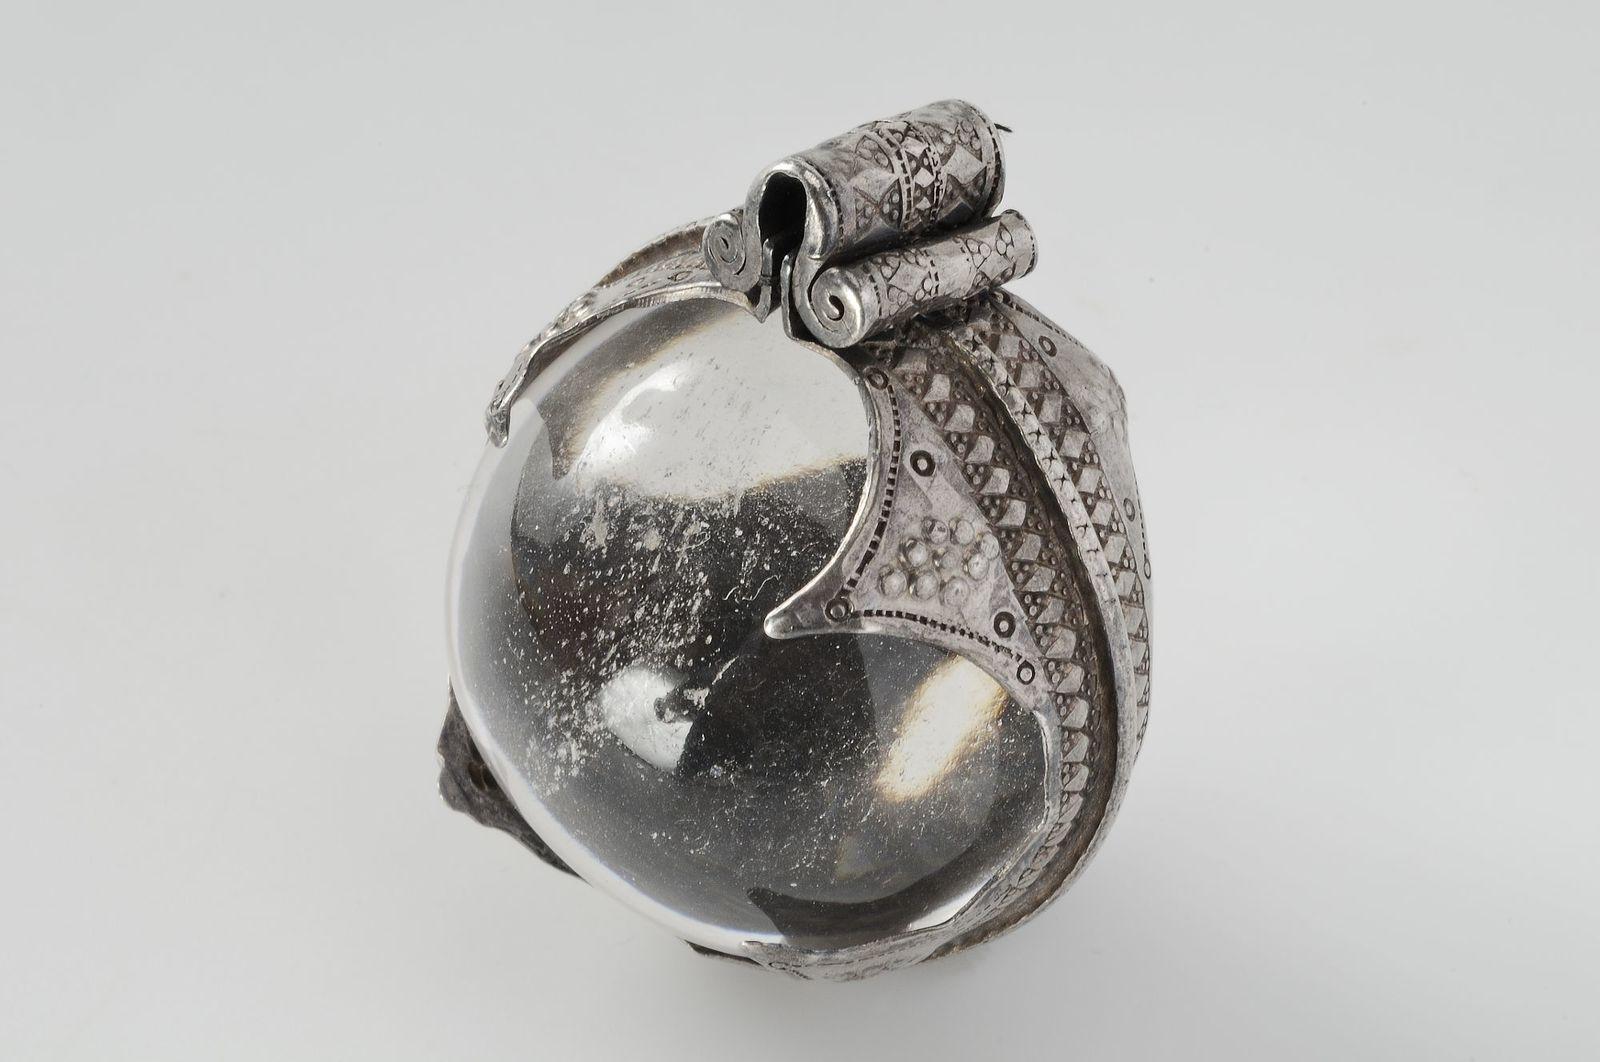 smycke (hängsmycke) av silver, bergskristall, bergart